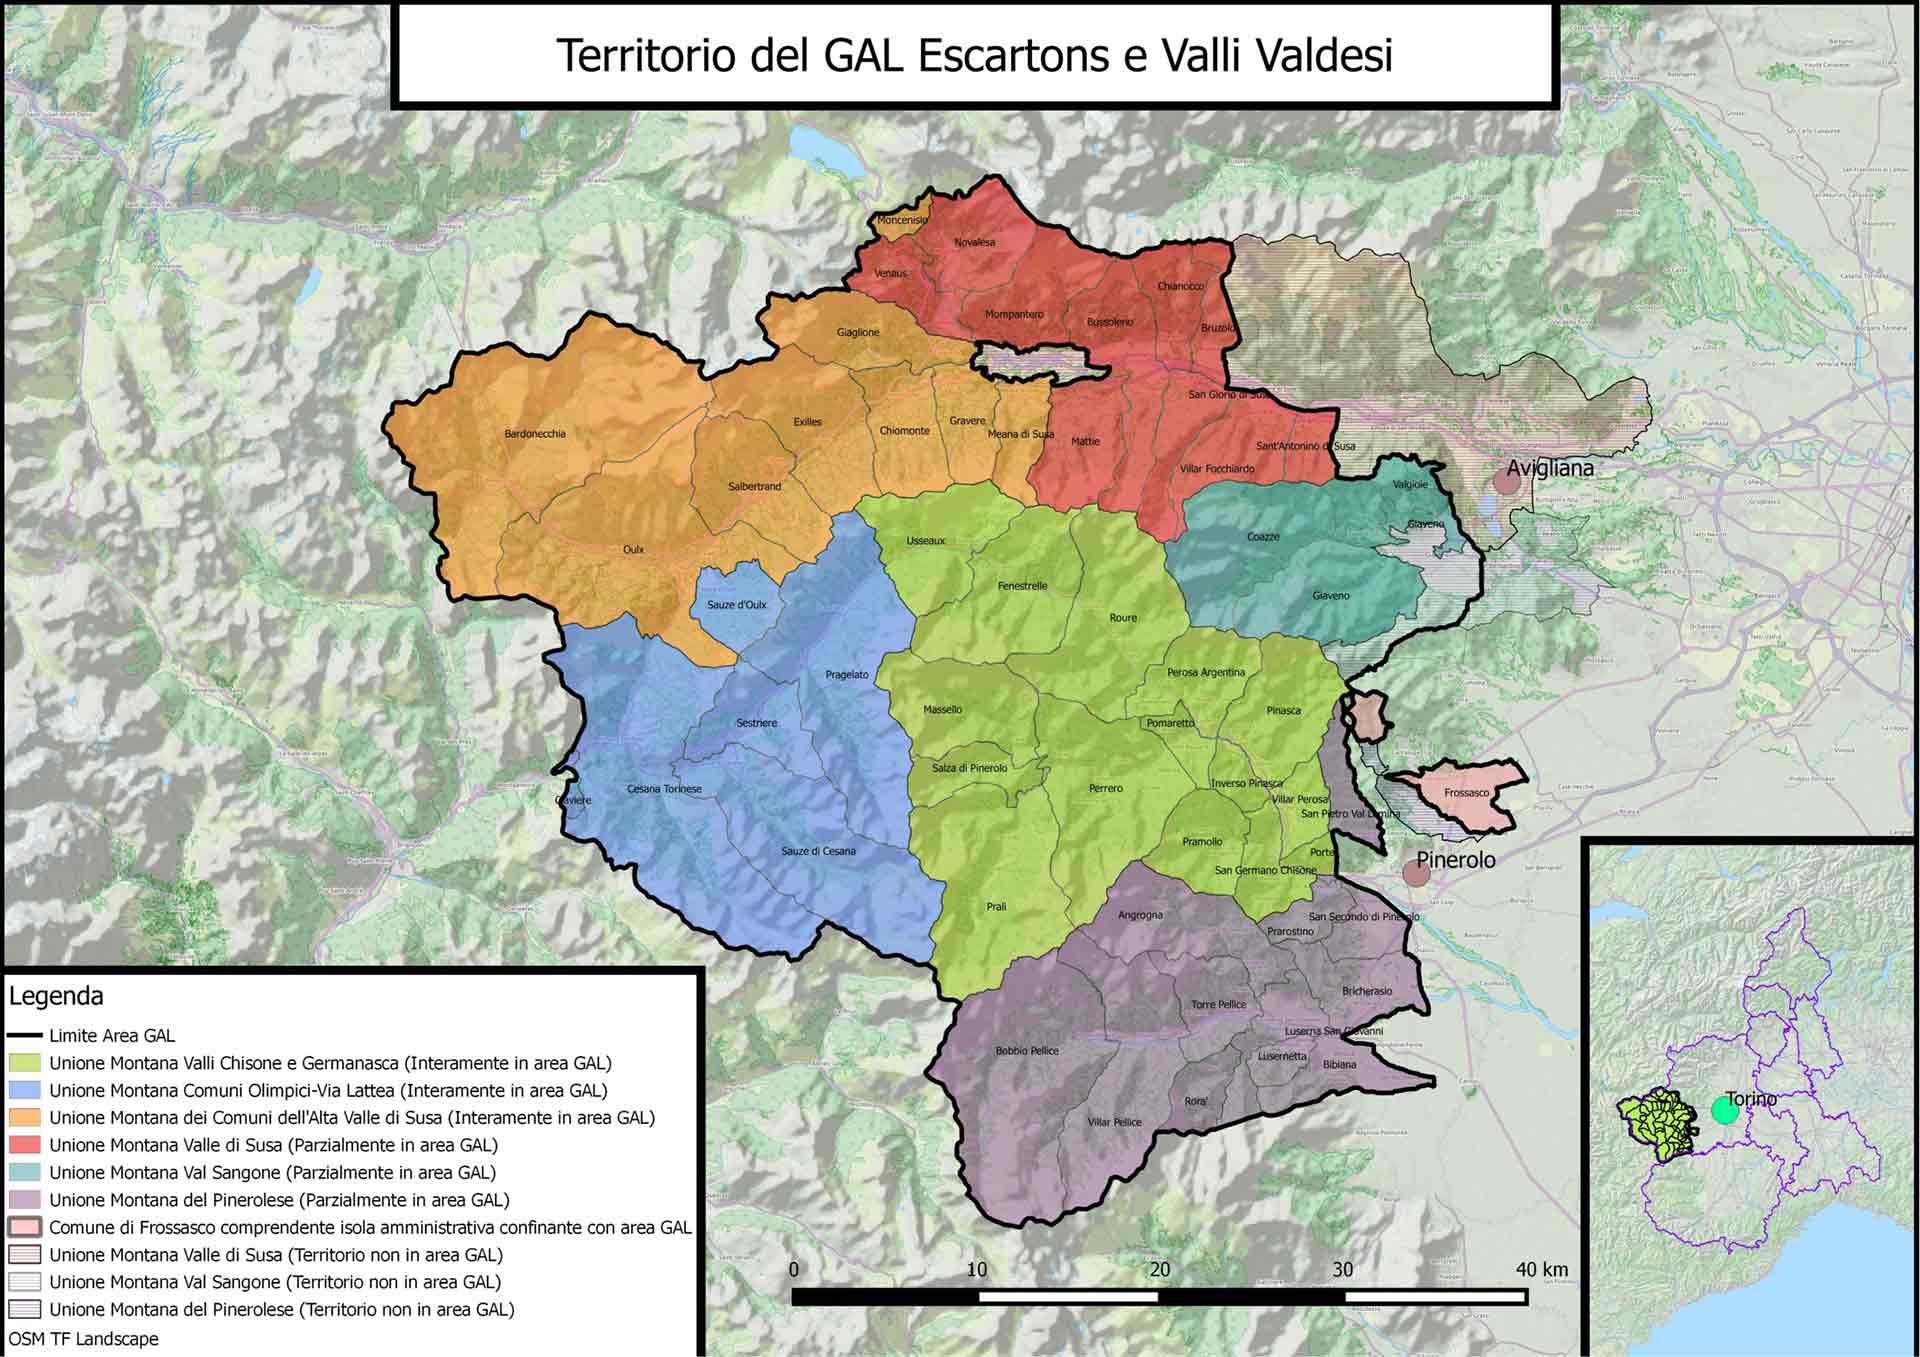 GAL Escartons e Valli Valdesi : il territorio ed i comuni compresi nel GAL